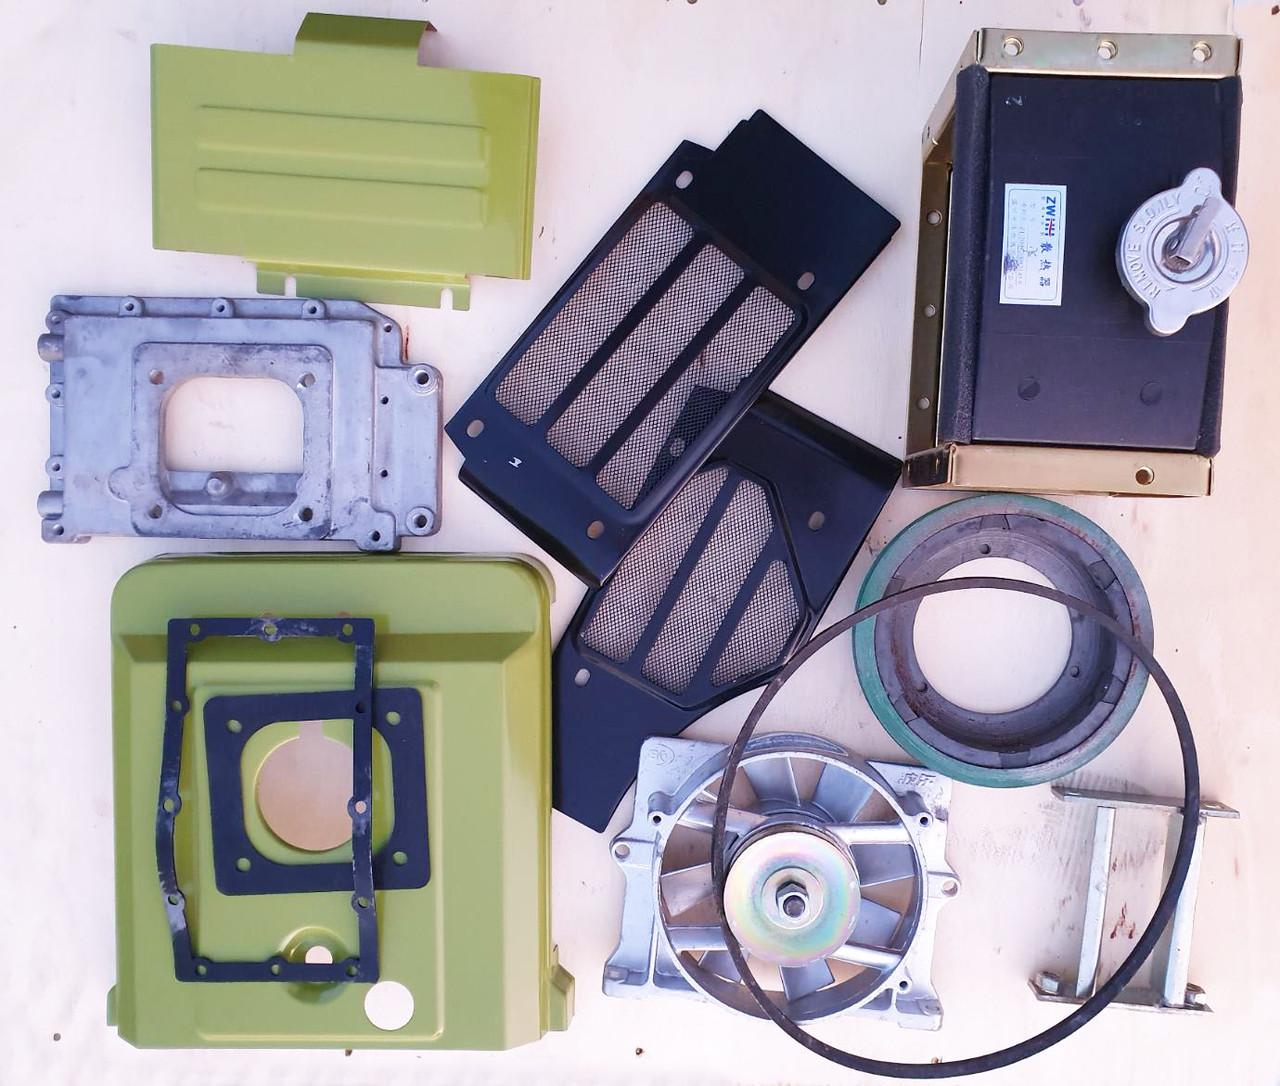 Комплект переоборудования ПОЛНЫЙ на Радиаторный тип водяного охлаждения двигателей R180, R175, 7-9 к.с